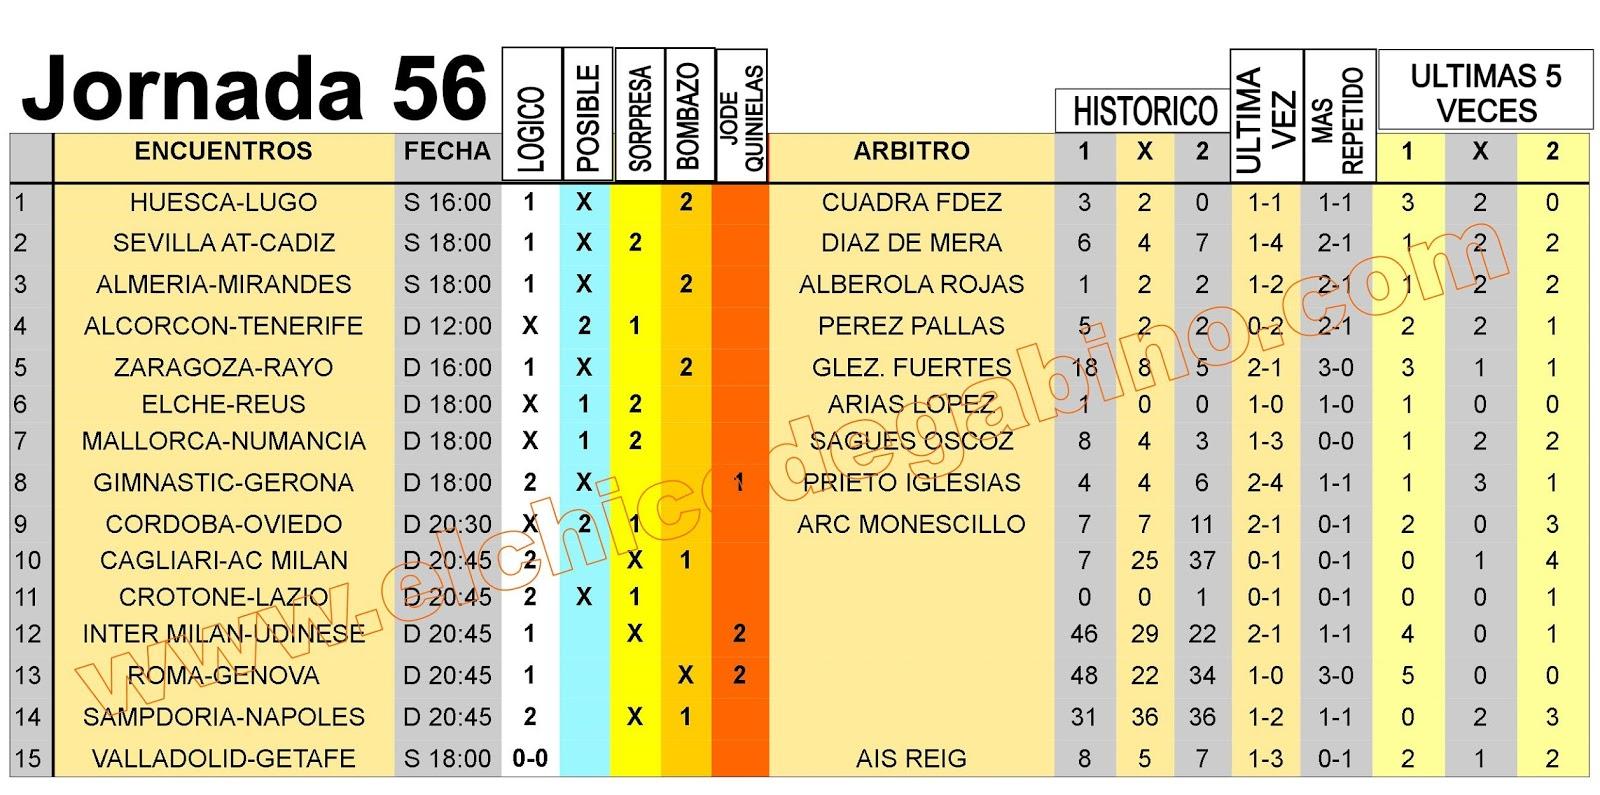 J56 Pronostico y analisis de la Quiniela - El chico de Gabino